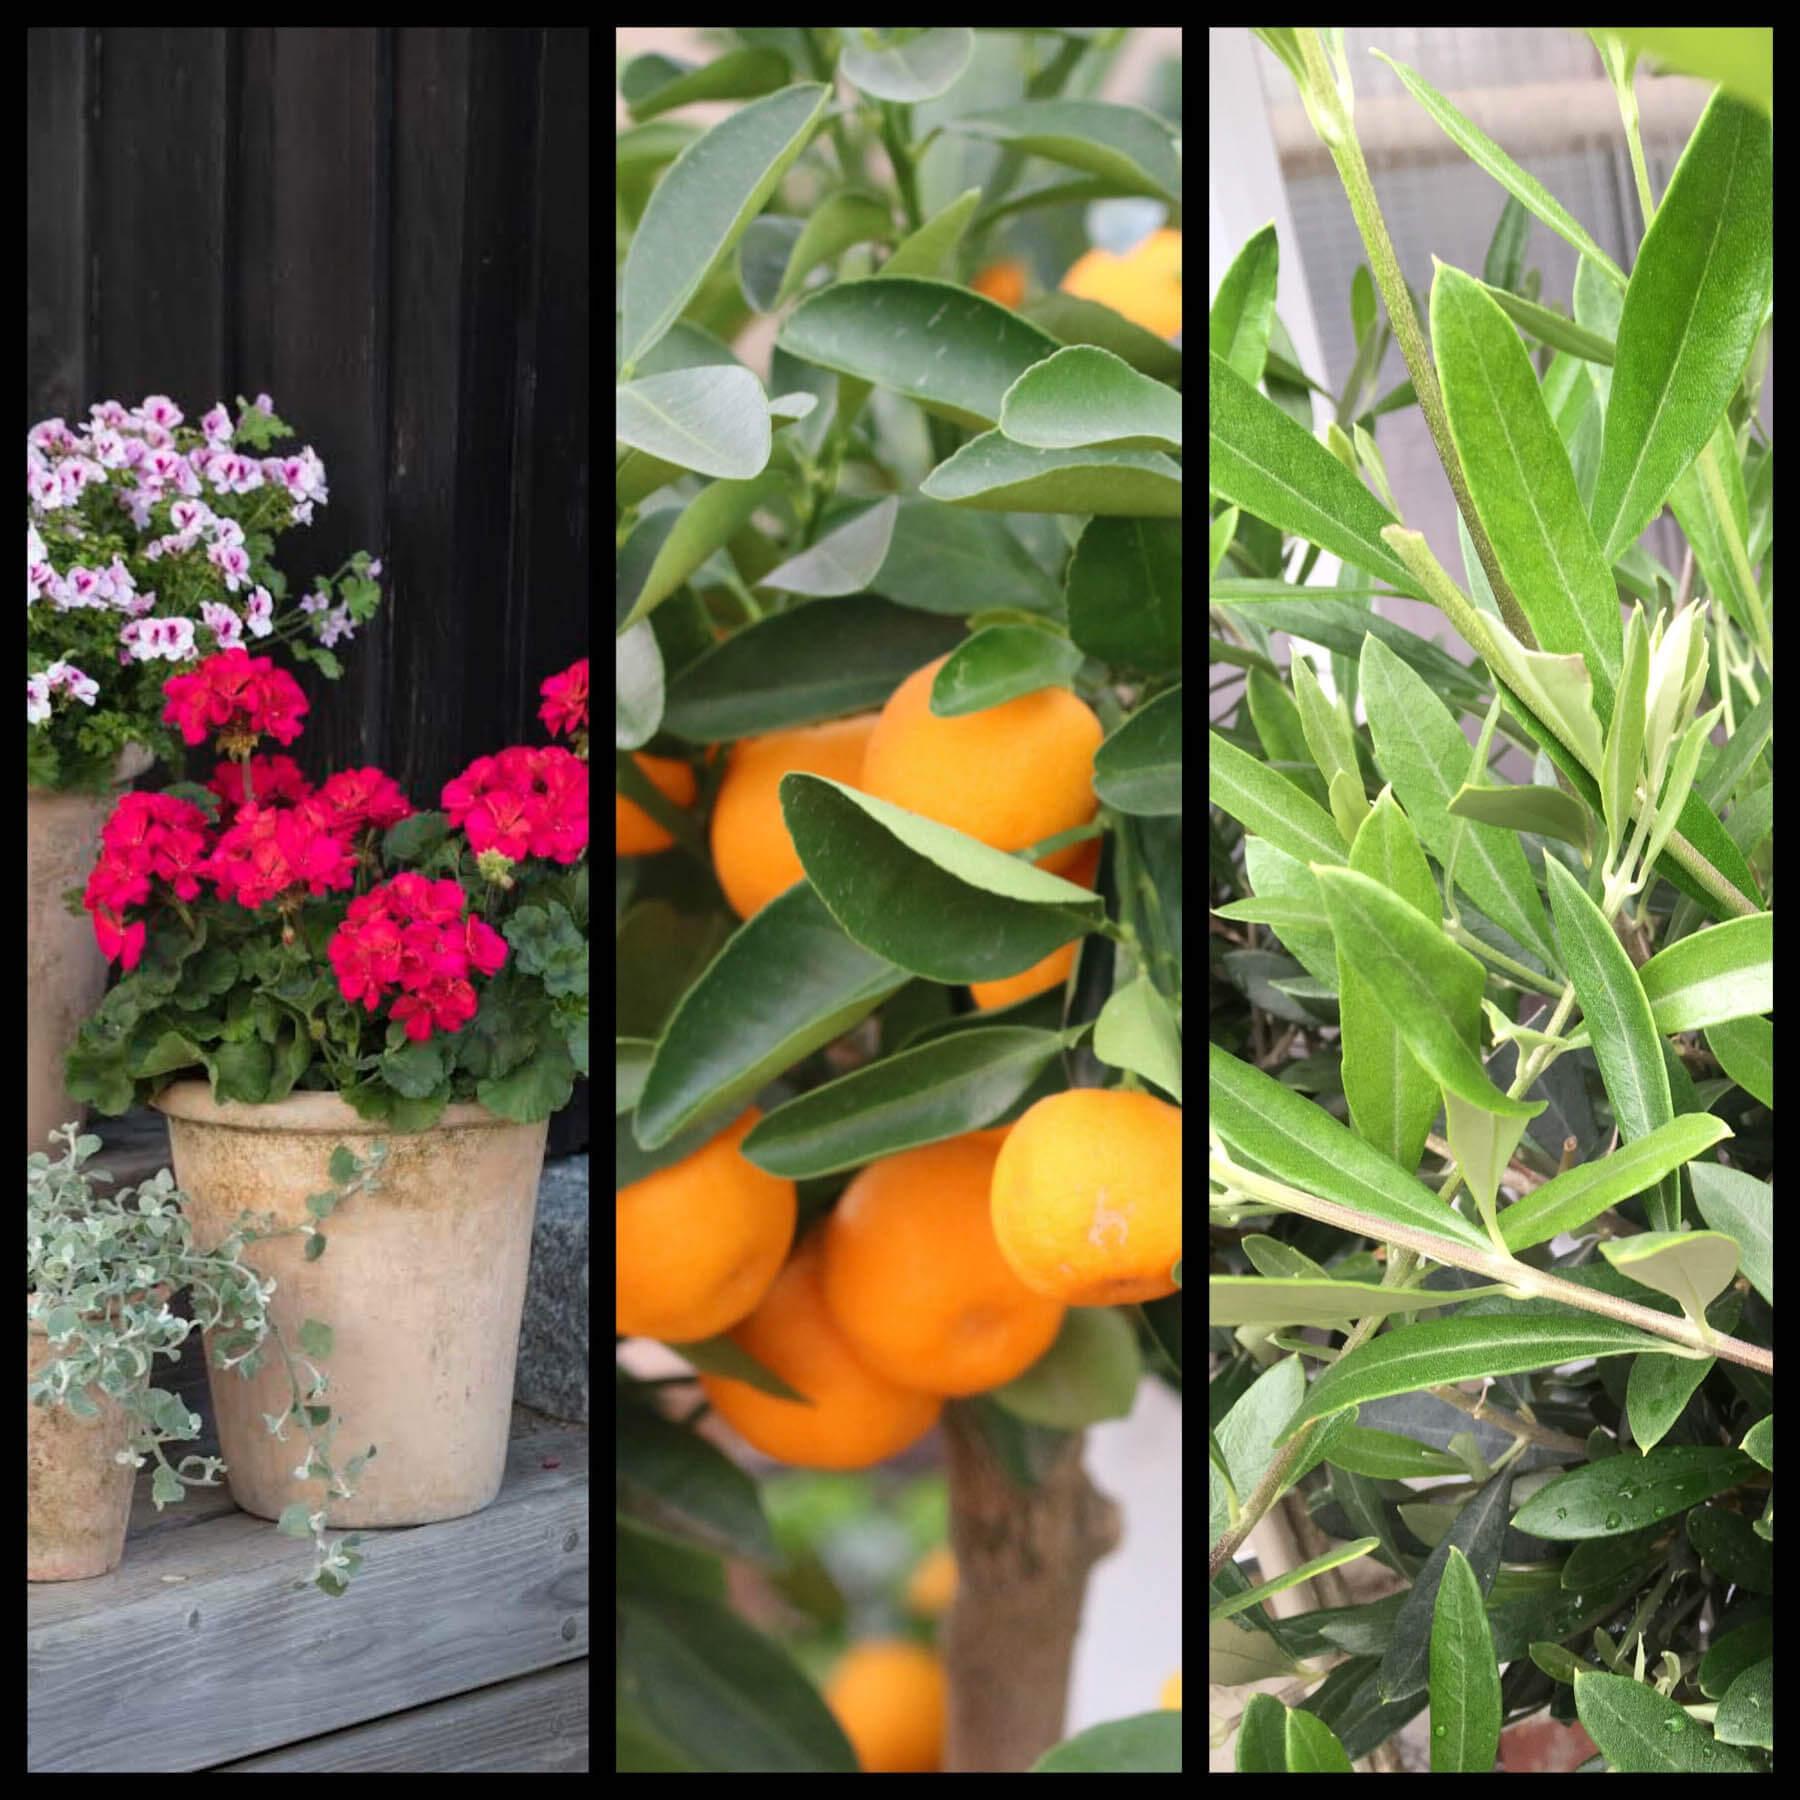 Cerise pelargoner i lerkruka, dignande citrusfrukter från trädet och olivträd med rasslande blad.